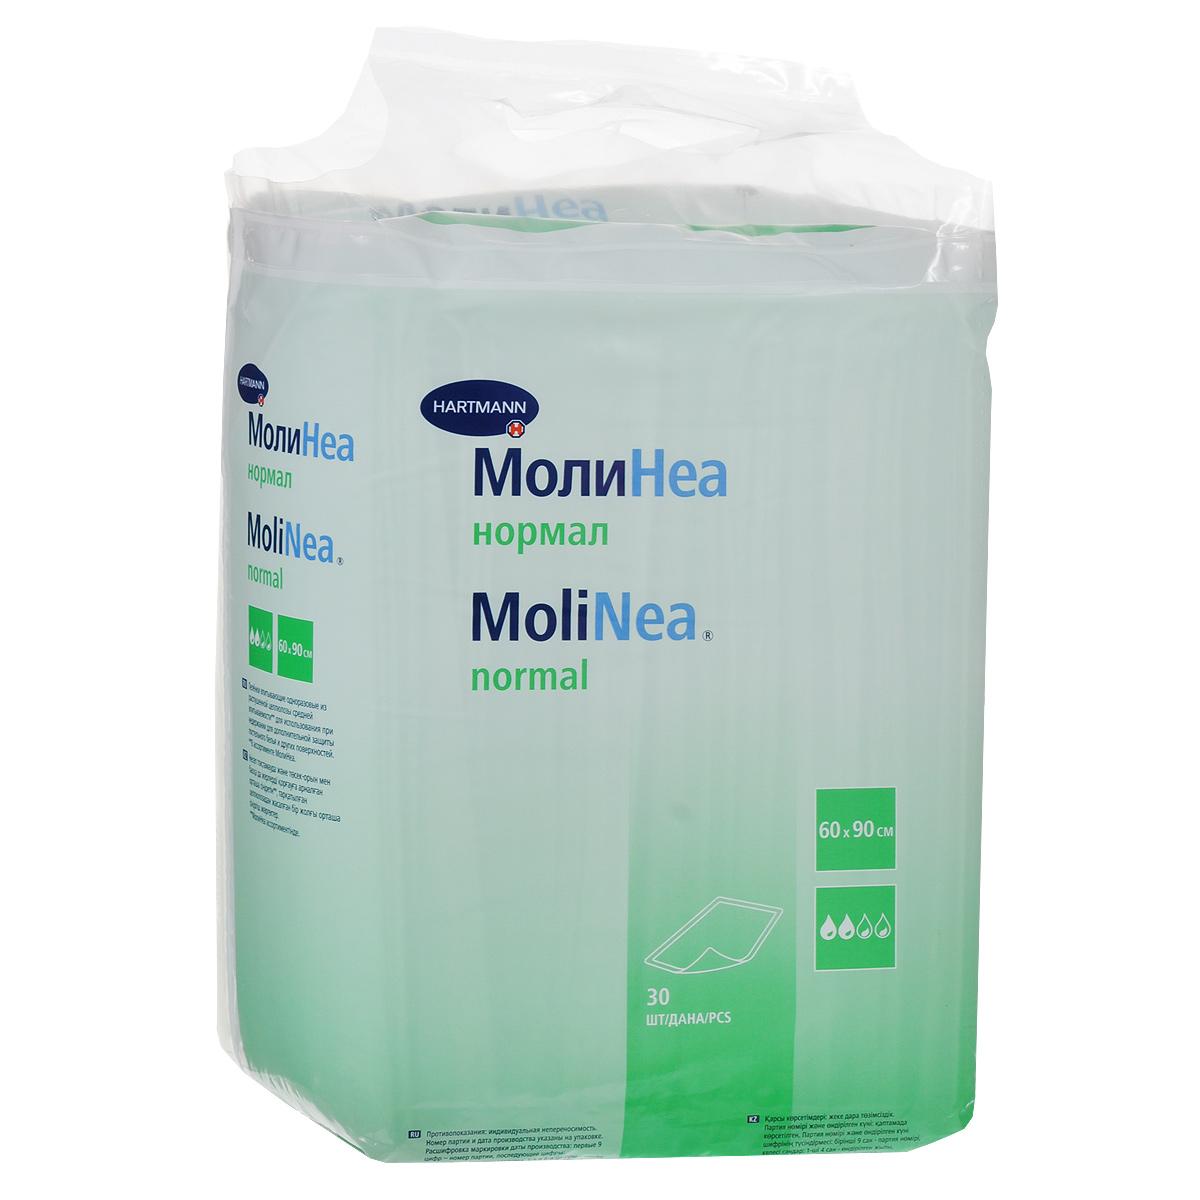 """Одноразовые впитывающие пеленки """"Molinea (Молинеа) Normal"""" средней впитываемости предназначены для дополнительной защиты постельного белья и других поверхностей во время гигиенических и диагностических процедур. Распушенная целлюлоза впитывающей подушки отбелена без использования хлора. Эластичная пленка внешнего водонепроницаемого слоя пеленки обеспечивает прочность изделия. В комплекте 30 пеленок."""